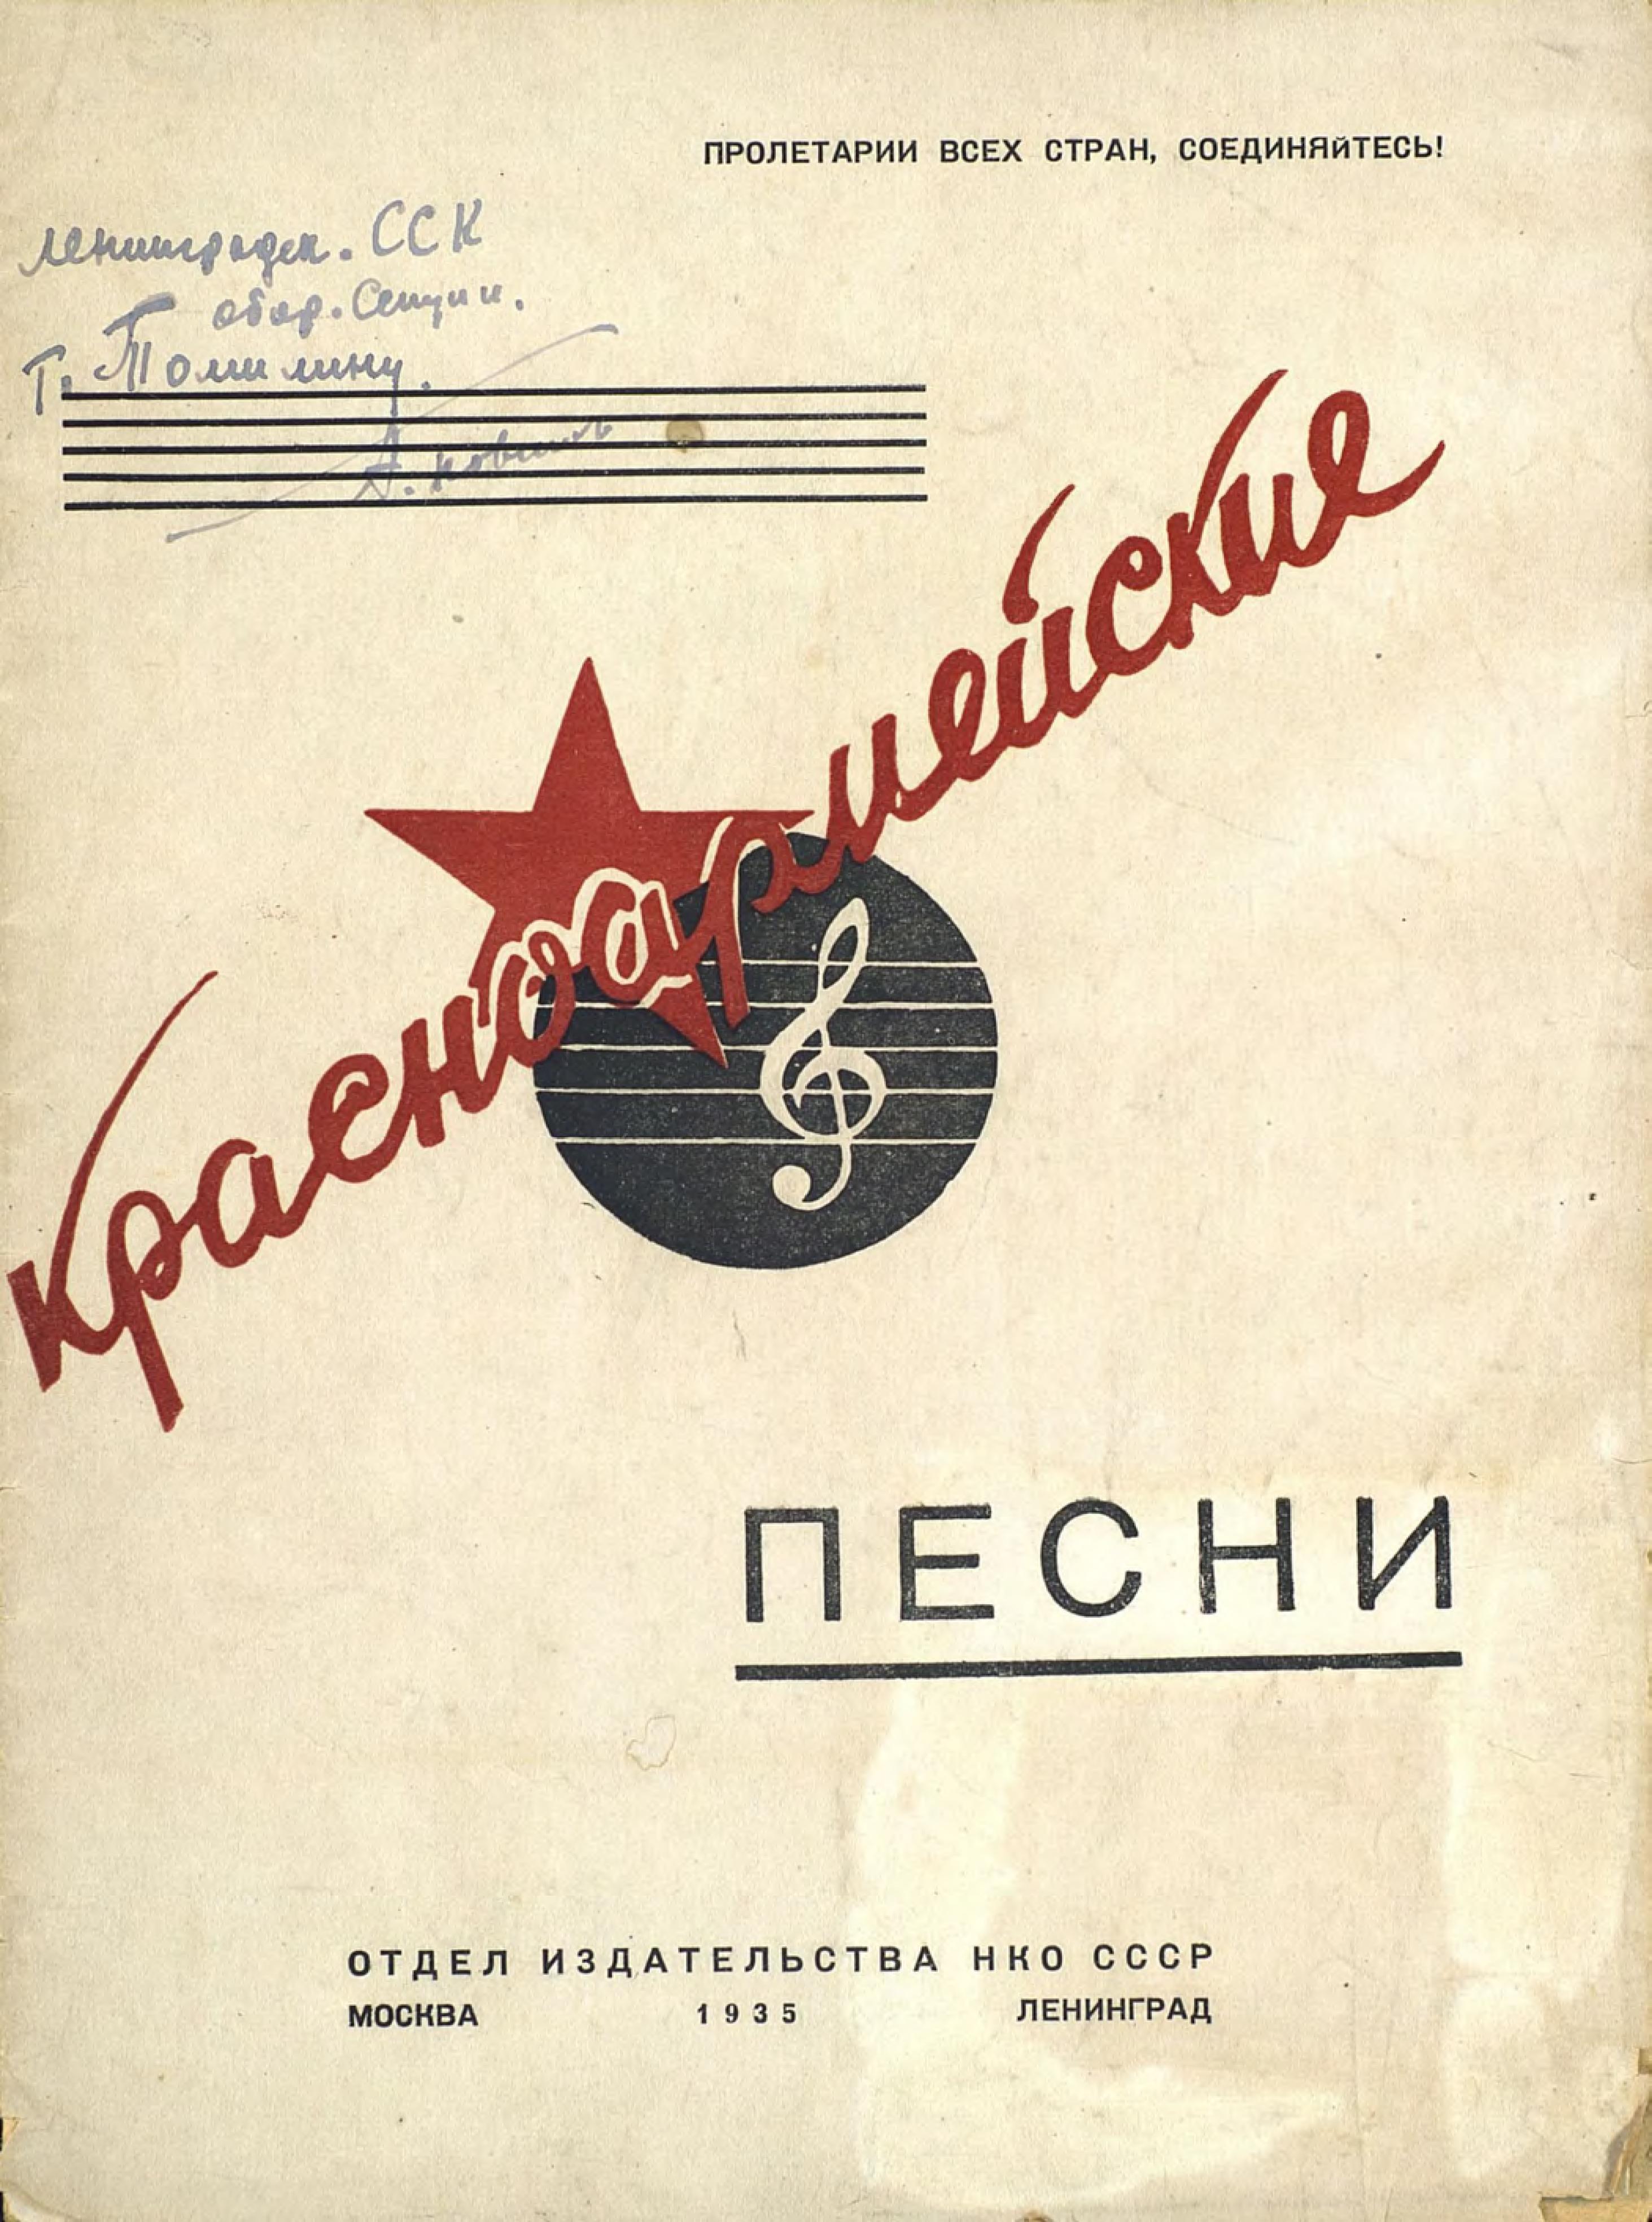 Народное творчество Красноармейские песни народное творчество древние российские стихотворения собранные киршею даниловым